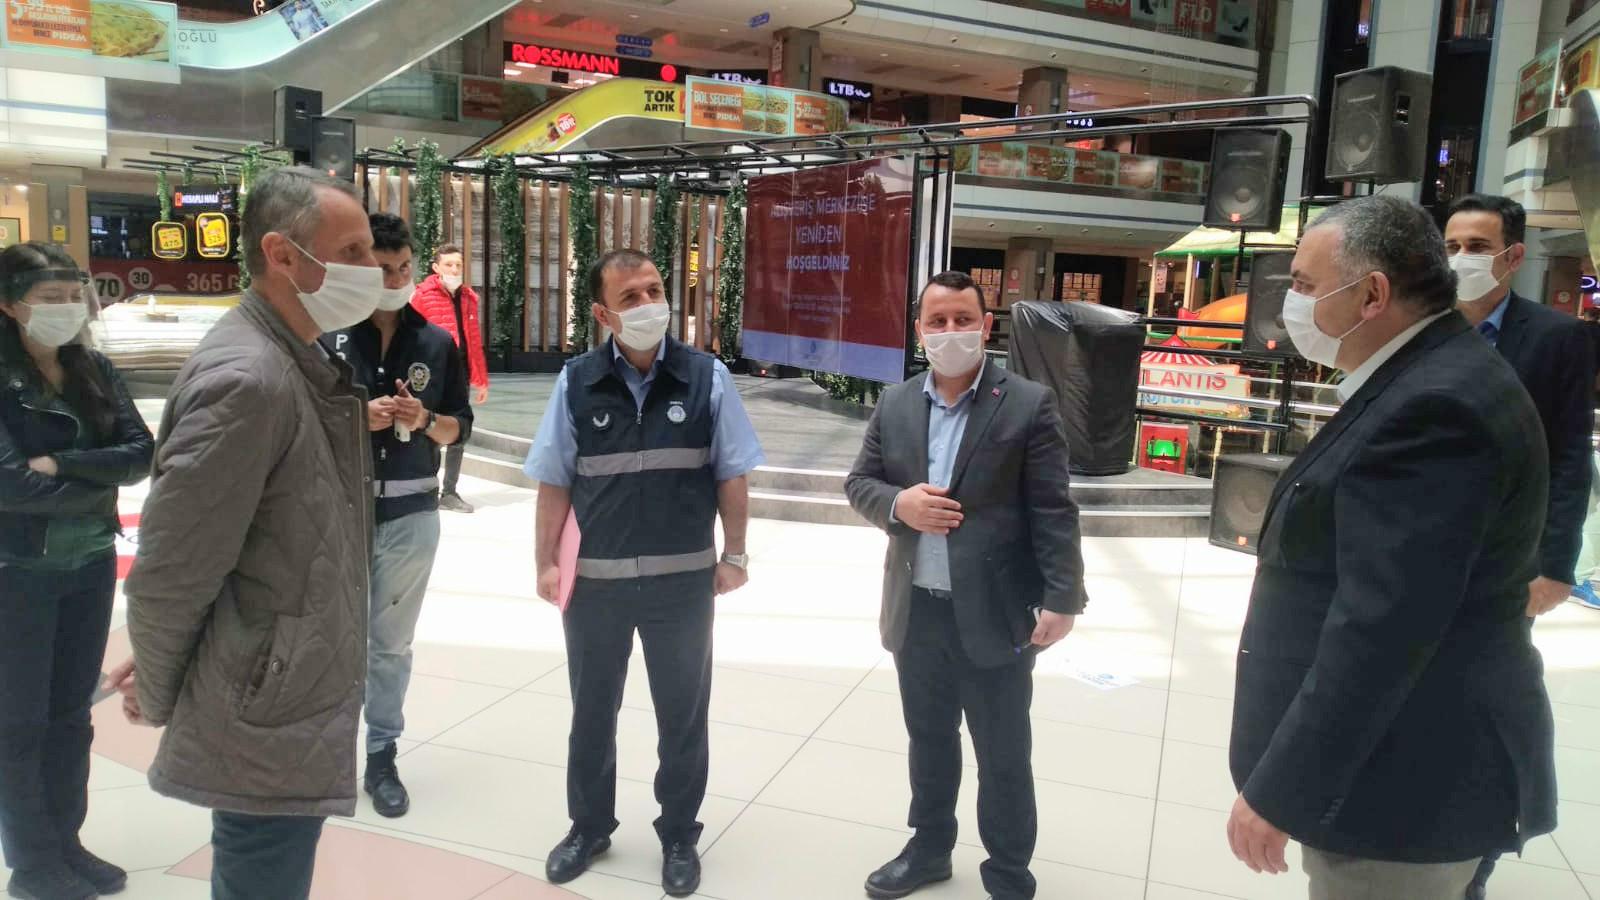 Kale outlet Center pandemi kurallarında taviz vermiyor